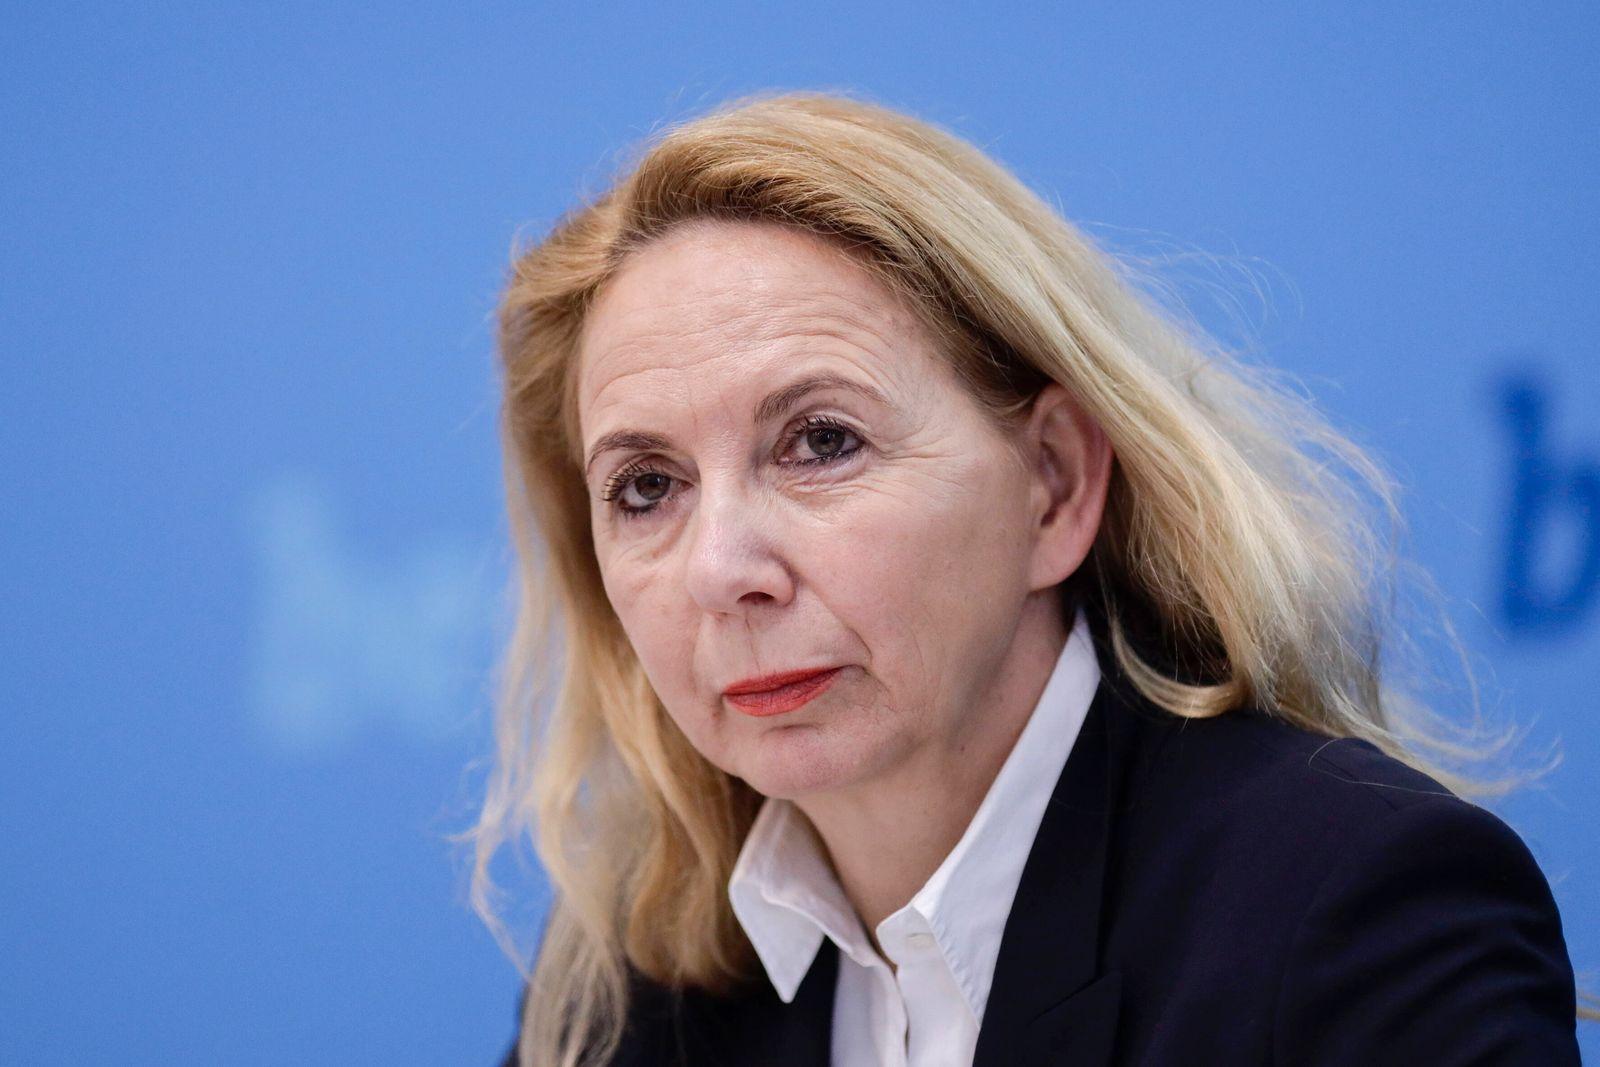 09.03.2020, Berlin, Deutschland - Pressekonferenz: Vorstellung der Kriminalstatistik der Polizei fuer 2019 in Berlin. Fo